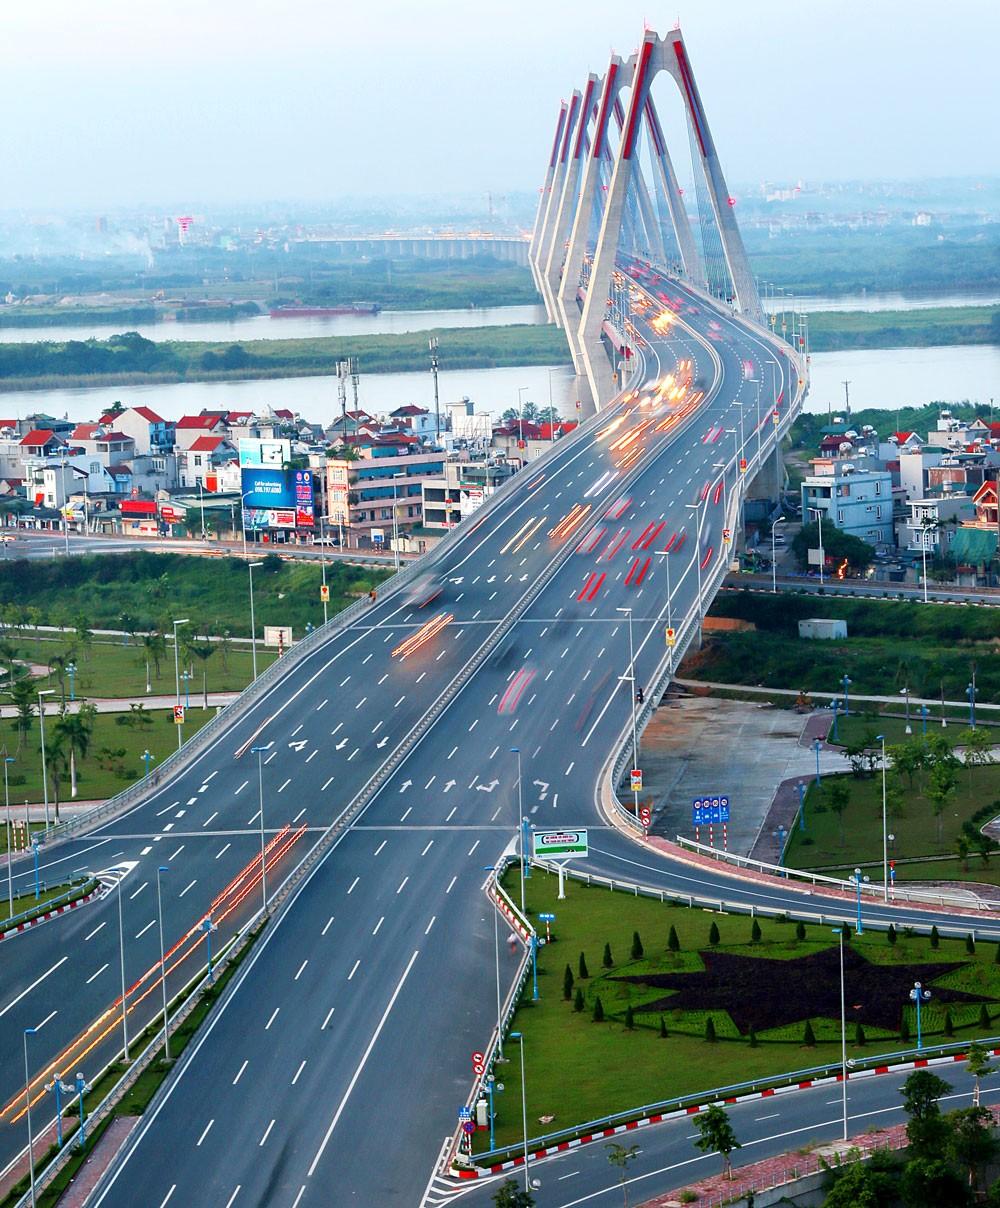 Cầu Nhật Tân có ý nghĩa quan trọng trong chiến lược phát triển kinh tế - xã hội của Thủ đô. Ảnh: Lê Tiên